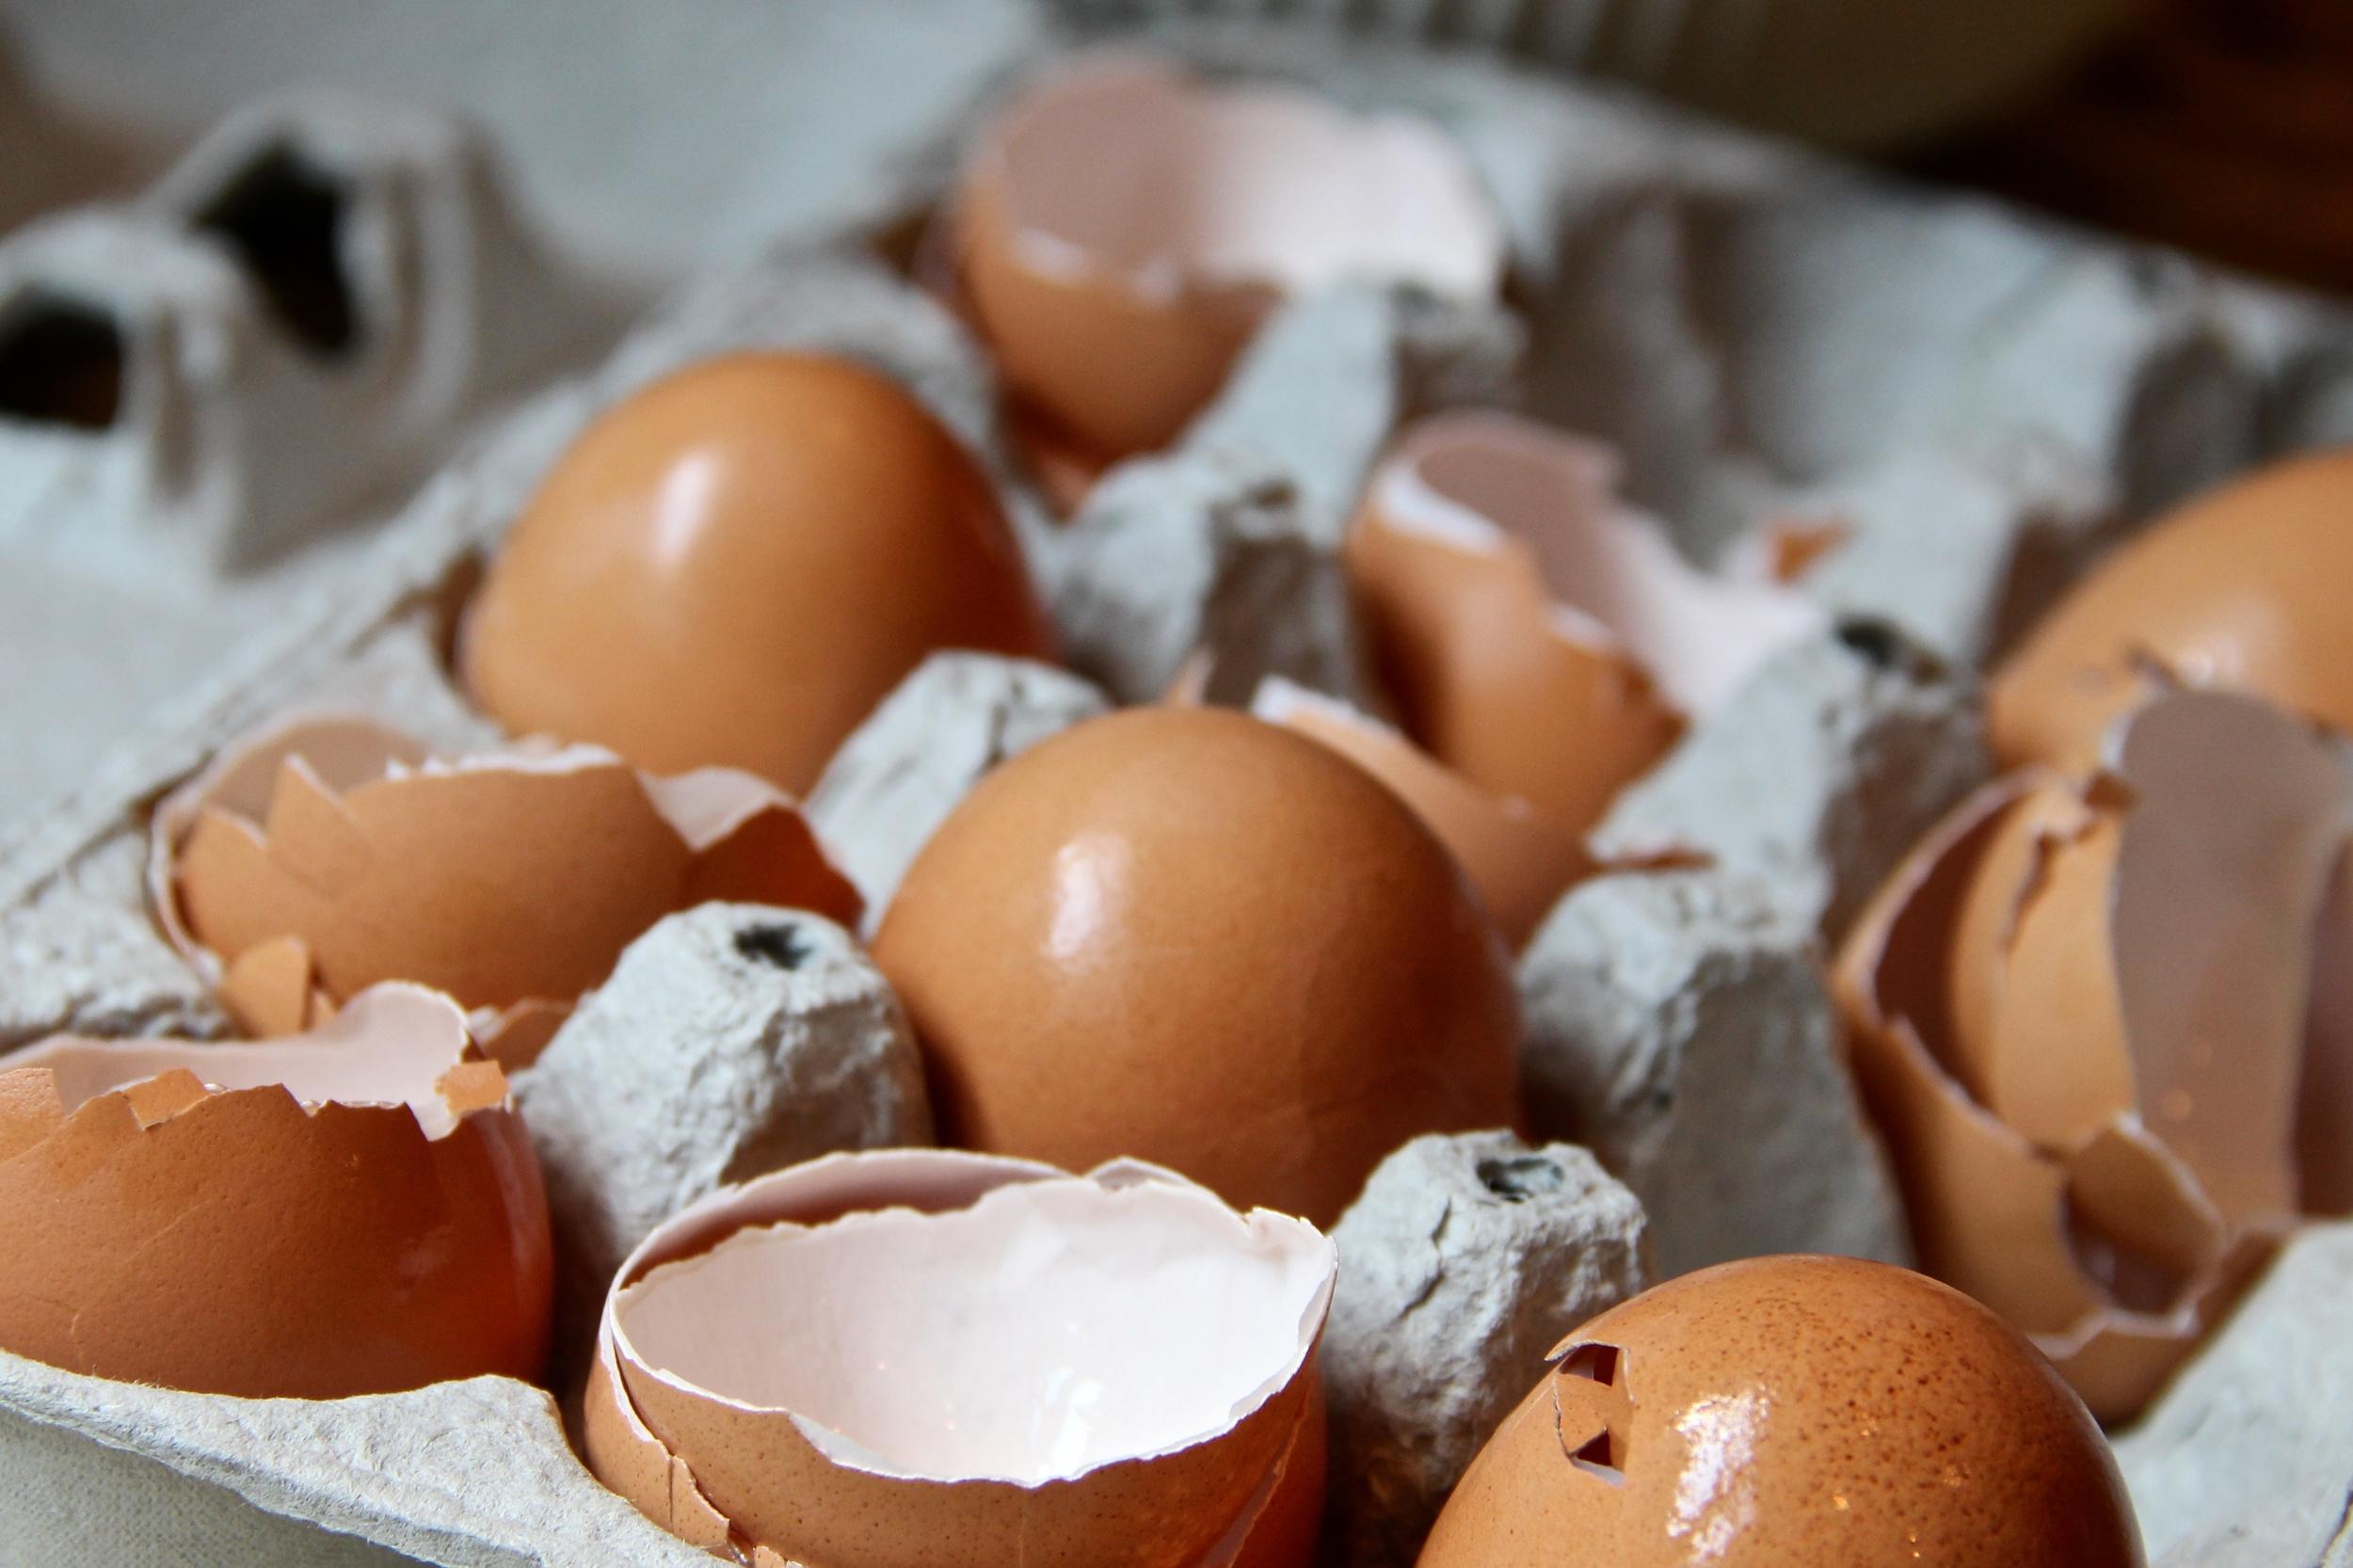 cracked egg shells